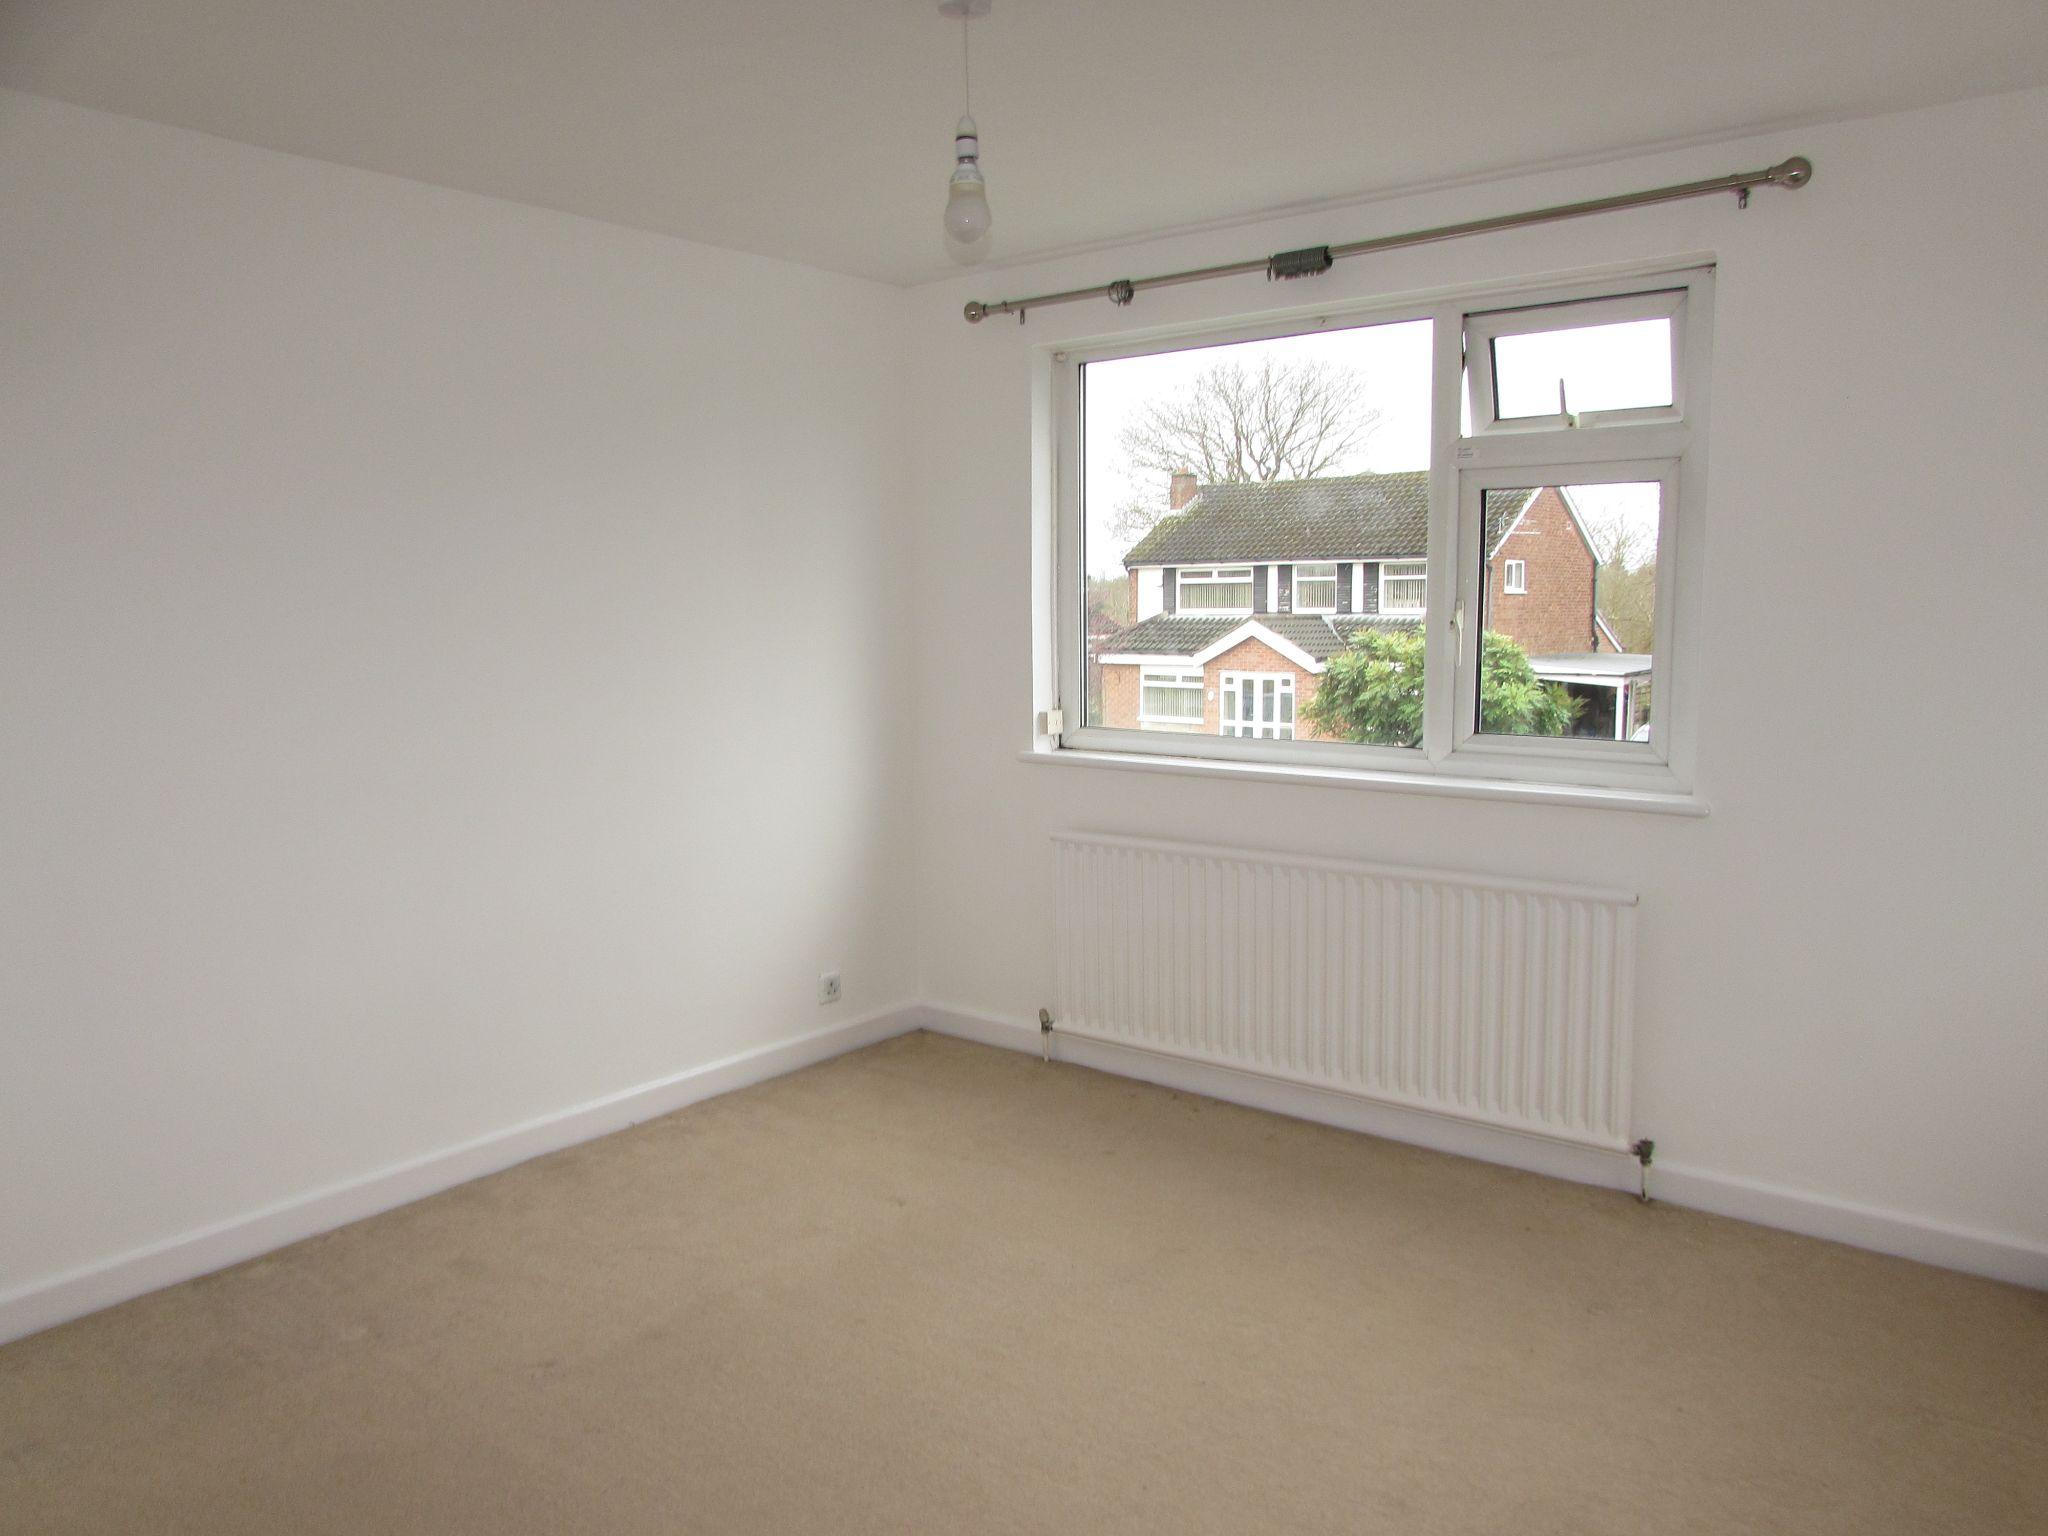 4 Bedroom Detached House To Rent - Bedroom 1